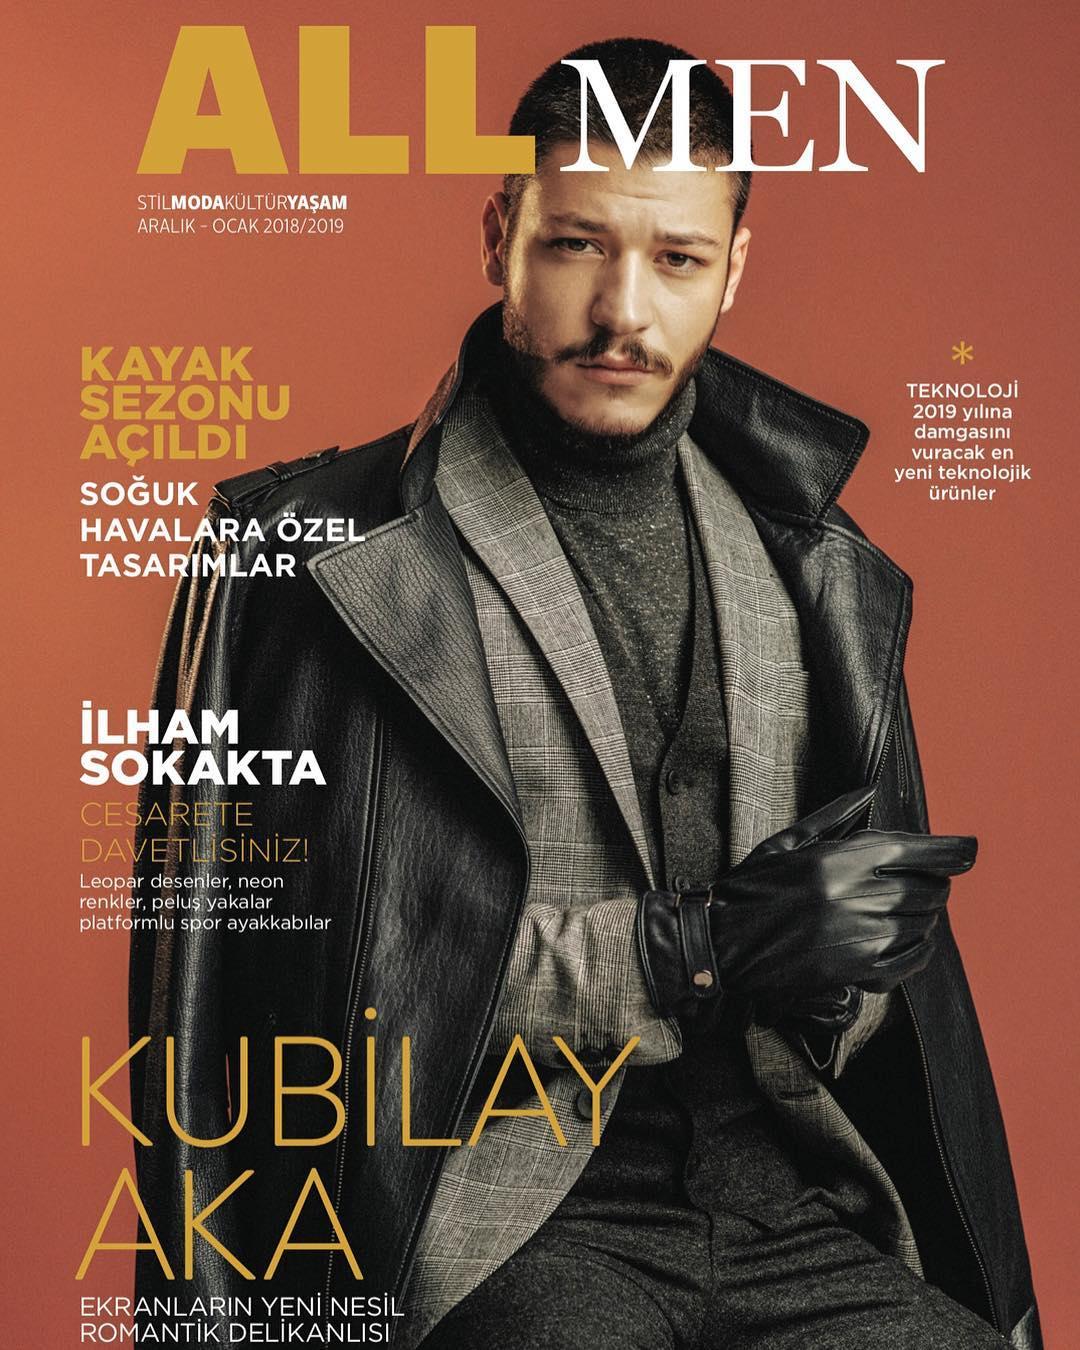 بیوگرافی کوبیلای آکا Kubilay Aka ،رابطه با میرای دانر